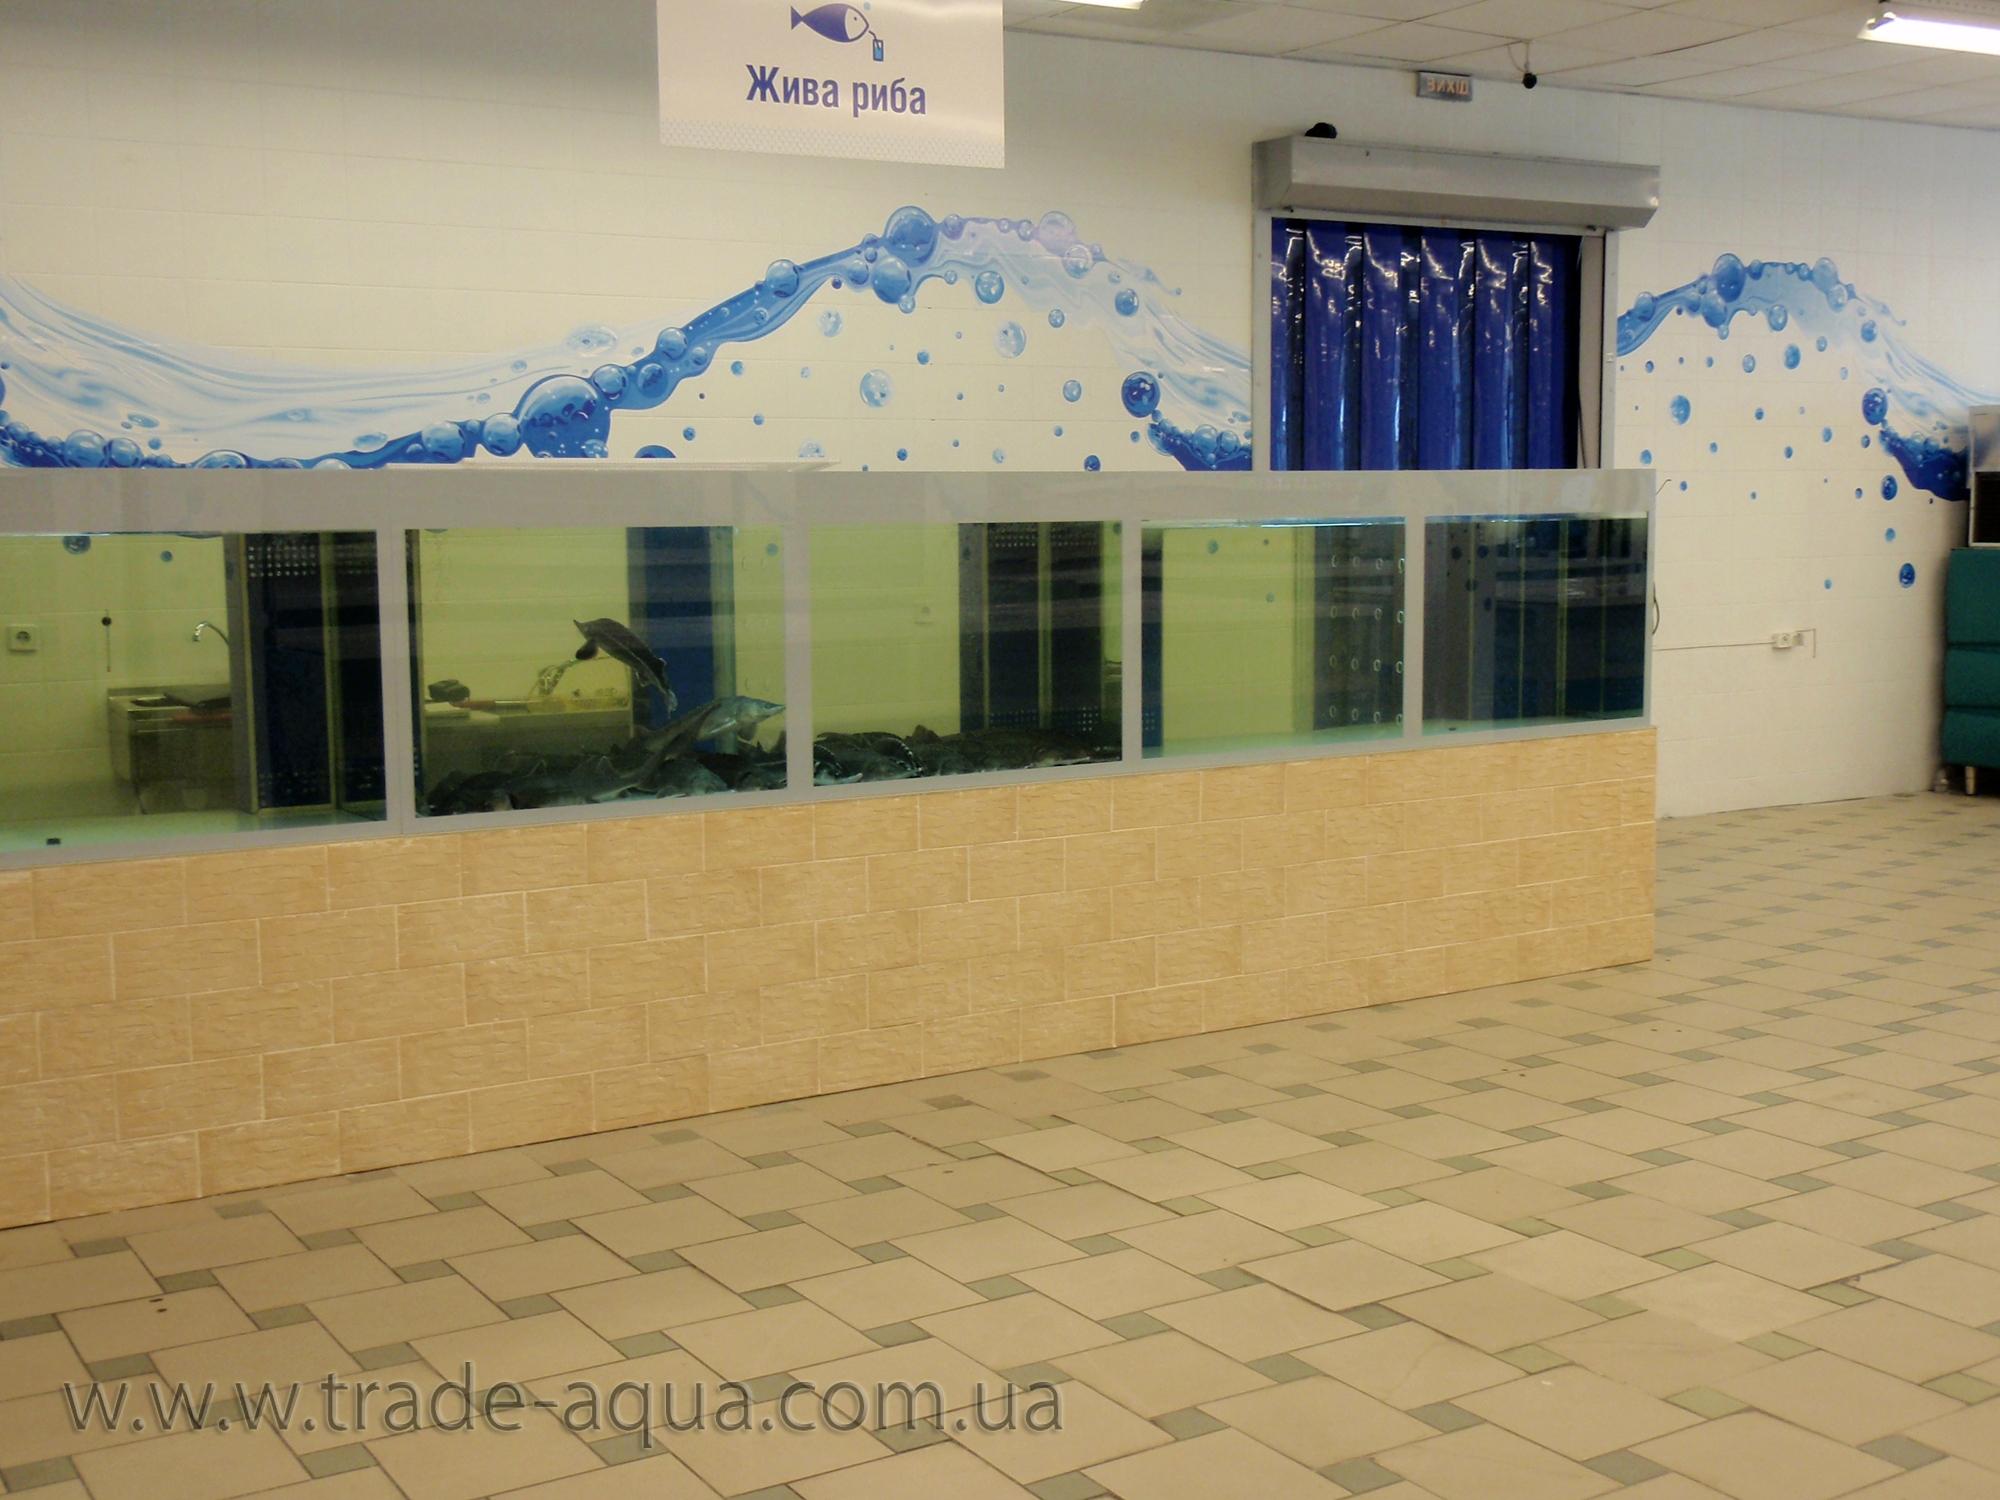 Akvarium-v-supermarkete